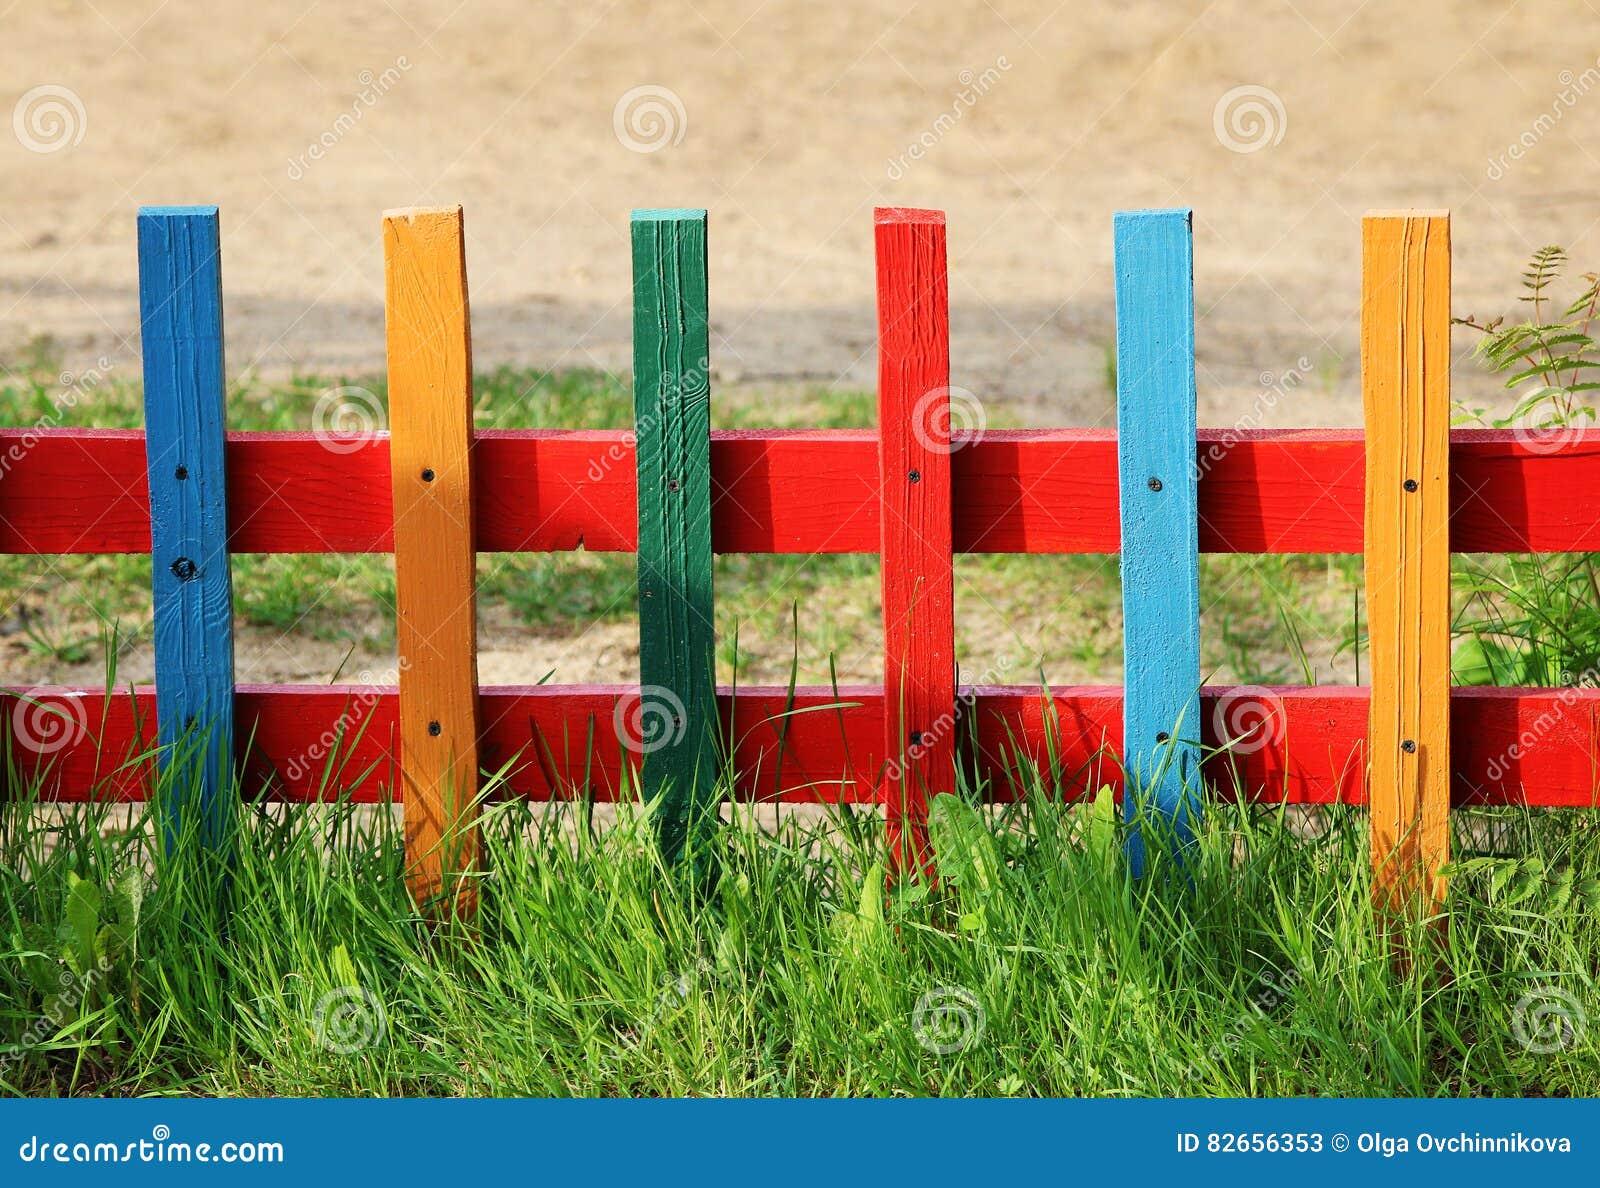 basse barri re en bois multicolore sur le terrain de jeu de jardin d 39 enfants image stock image. Black Bedroom Furniture Sets. Home Design Ideas